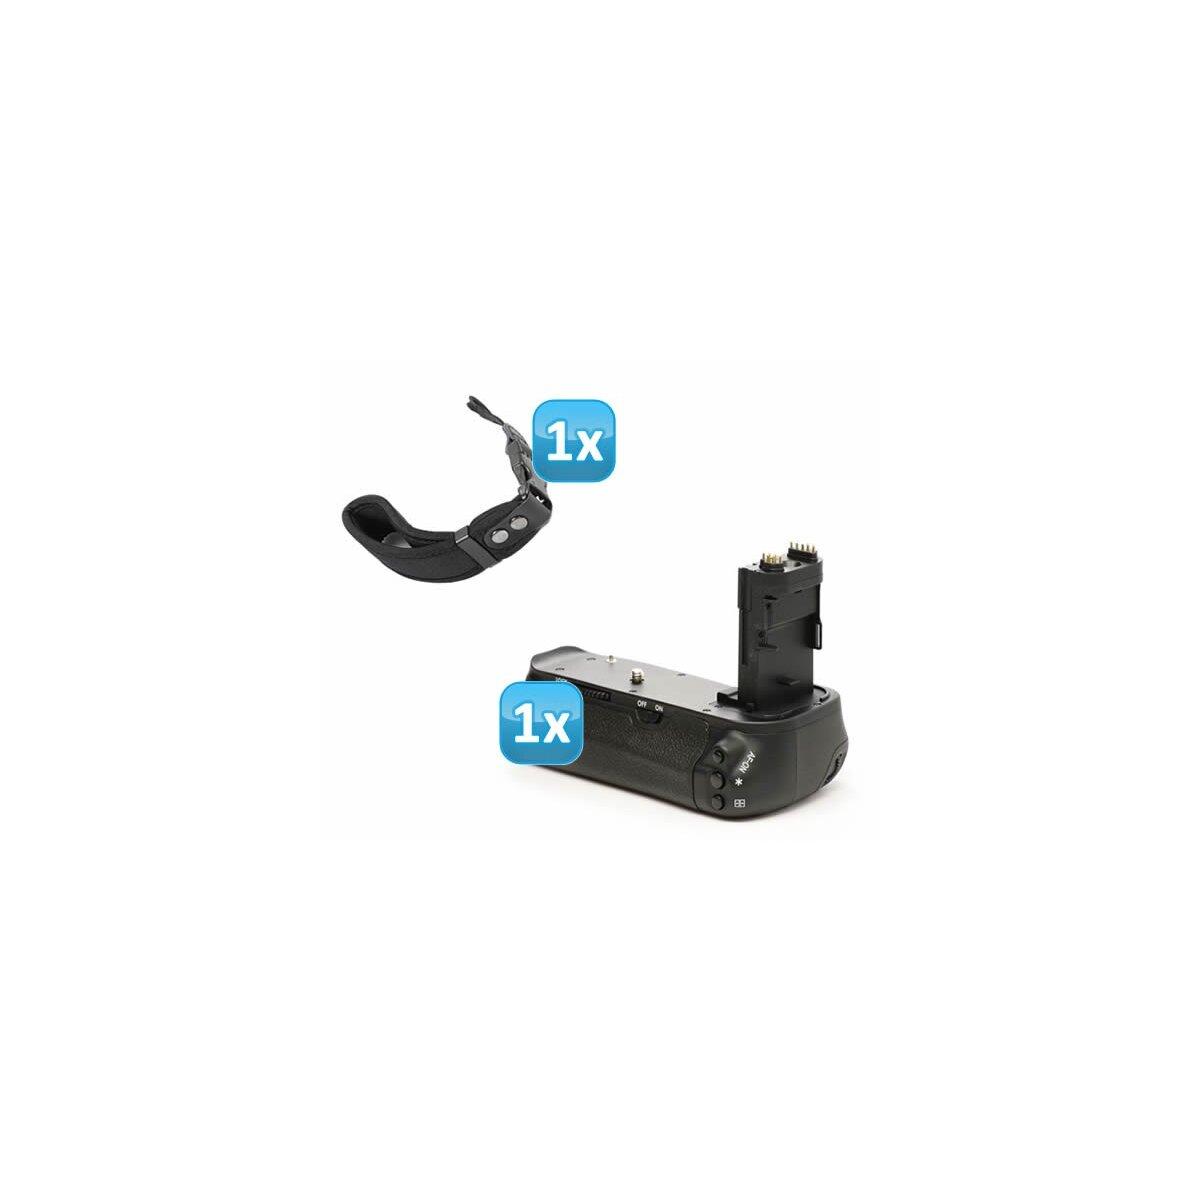 Minadax Profi Batteriegriff fuer Canon EOS 6D - aehnlich wie BG-E13 - fuer 2x LP-E6 und 6x AA Batterien + 1x Neopren Handgelenkschlaufe